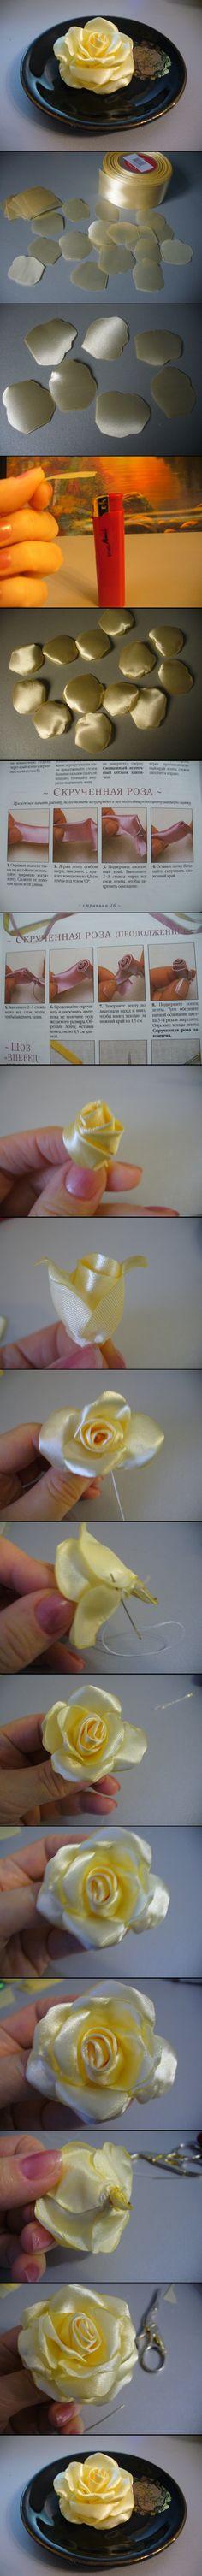 New flowers diy ribbon fabric roses 49 ideas, … – Diy Flower 2020 Ribbon Art, Diy Ribbon, Fabric Ribbon, Ribbon Crafts, Flower Crafts, Ribbon Rose, Paper Ribbon, Cloth Flowers, Fabric Roses